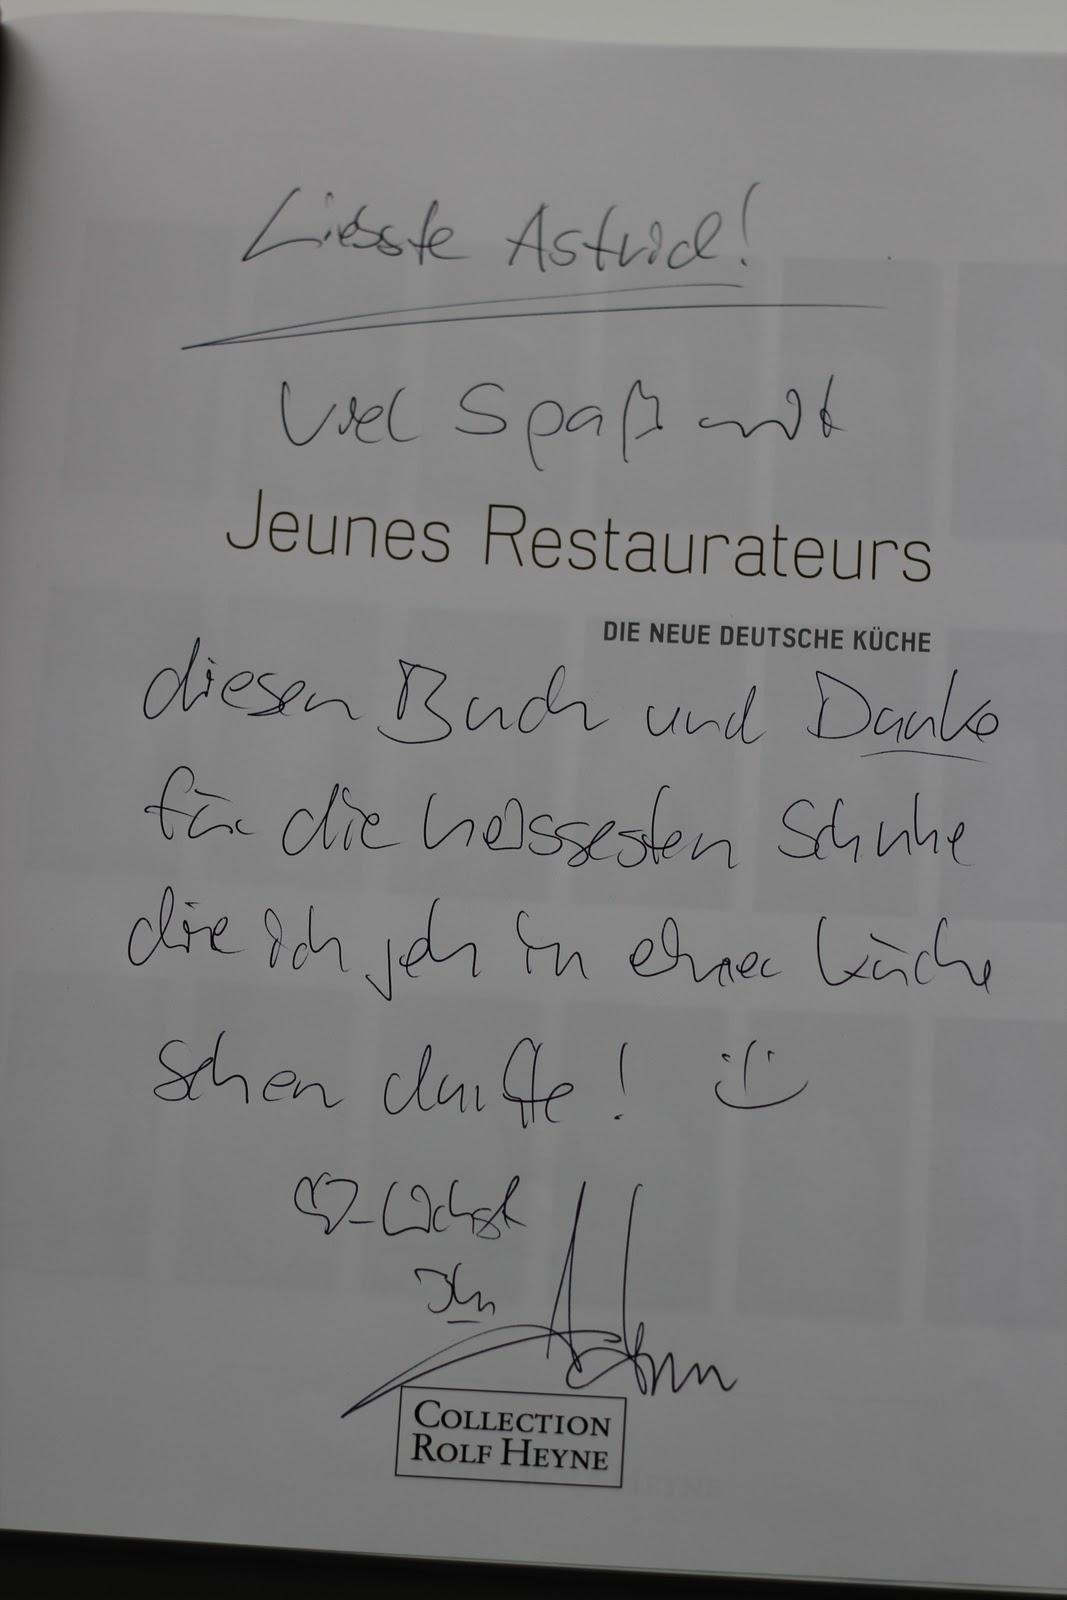 Arthurs Tochter Kocht: 20 Jahre Jeunes Restaurateurs in